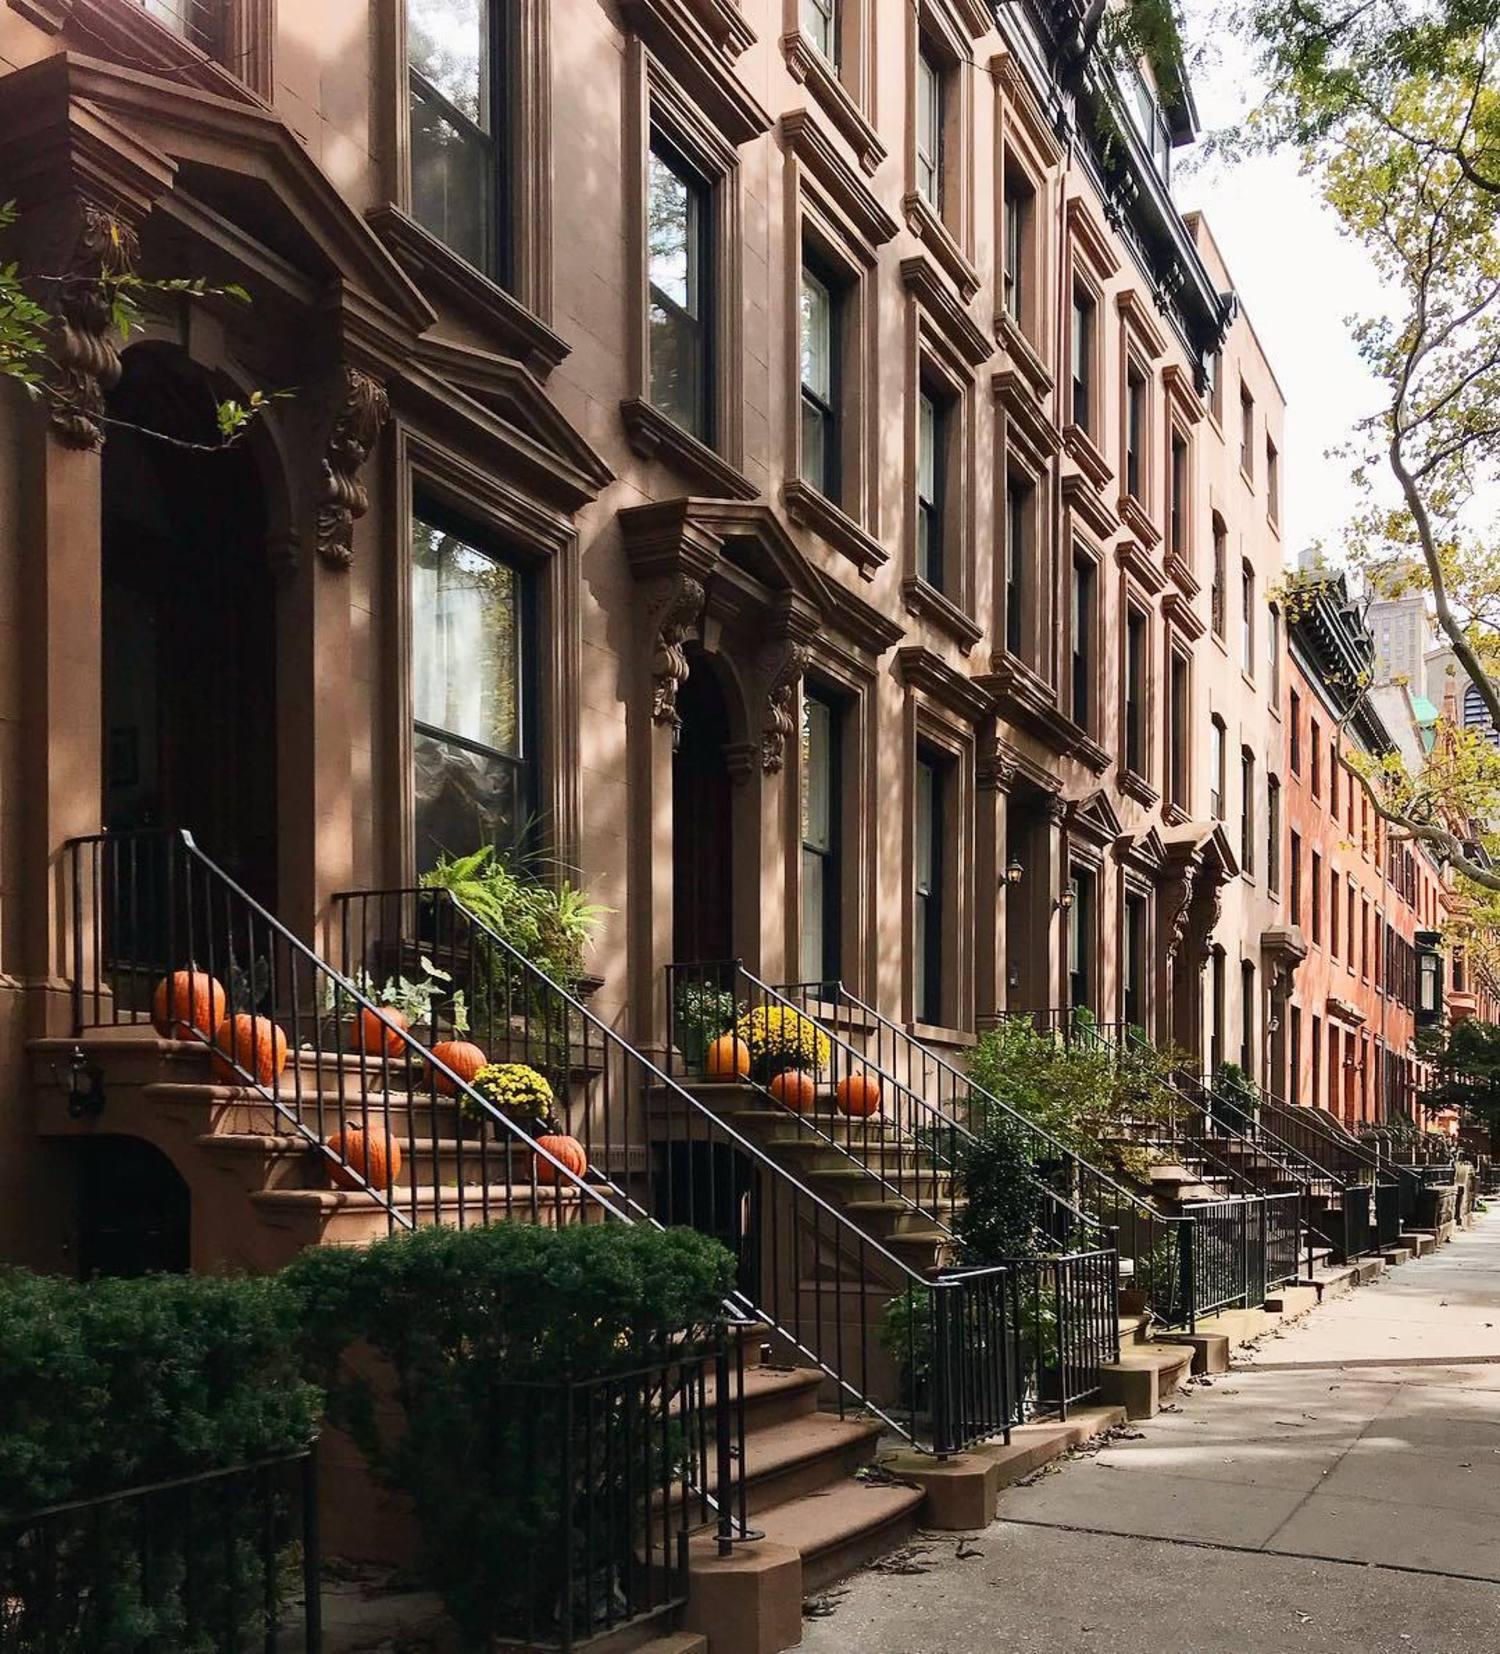 Brooklyn Heights, Brooklyn, New York